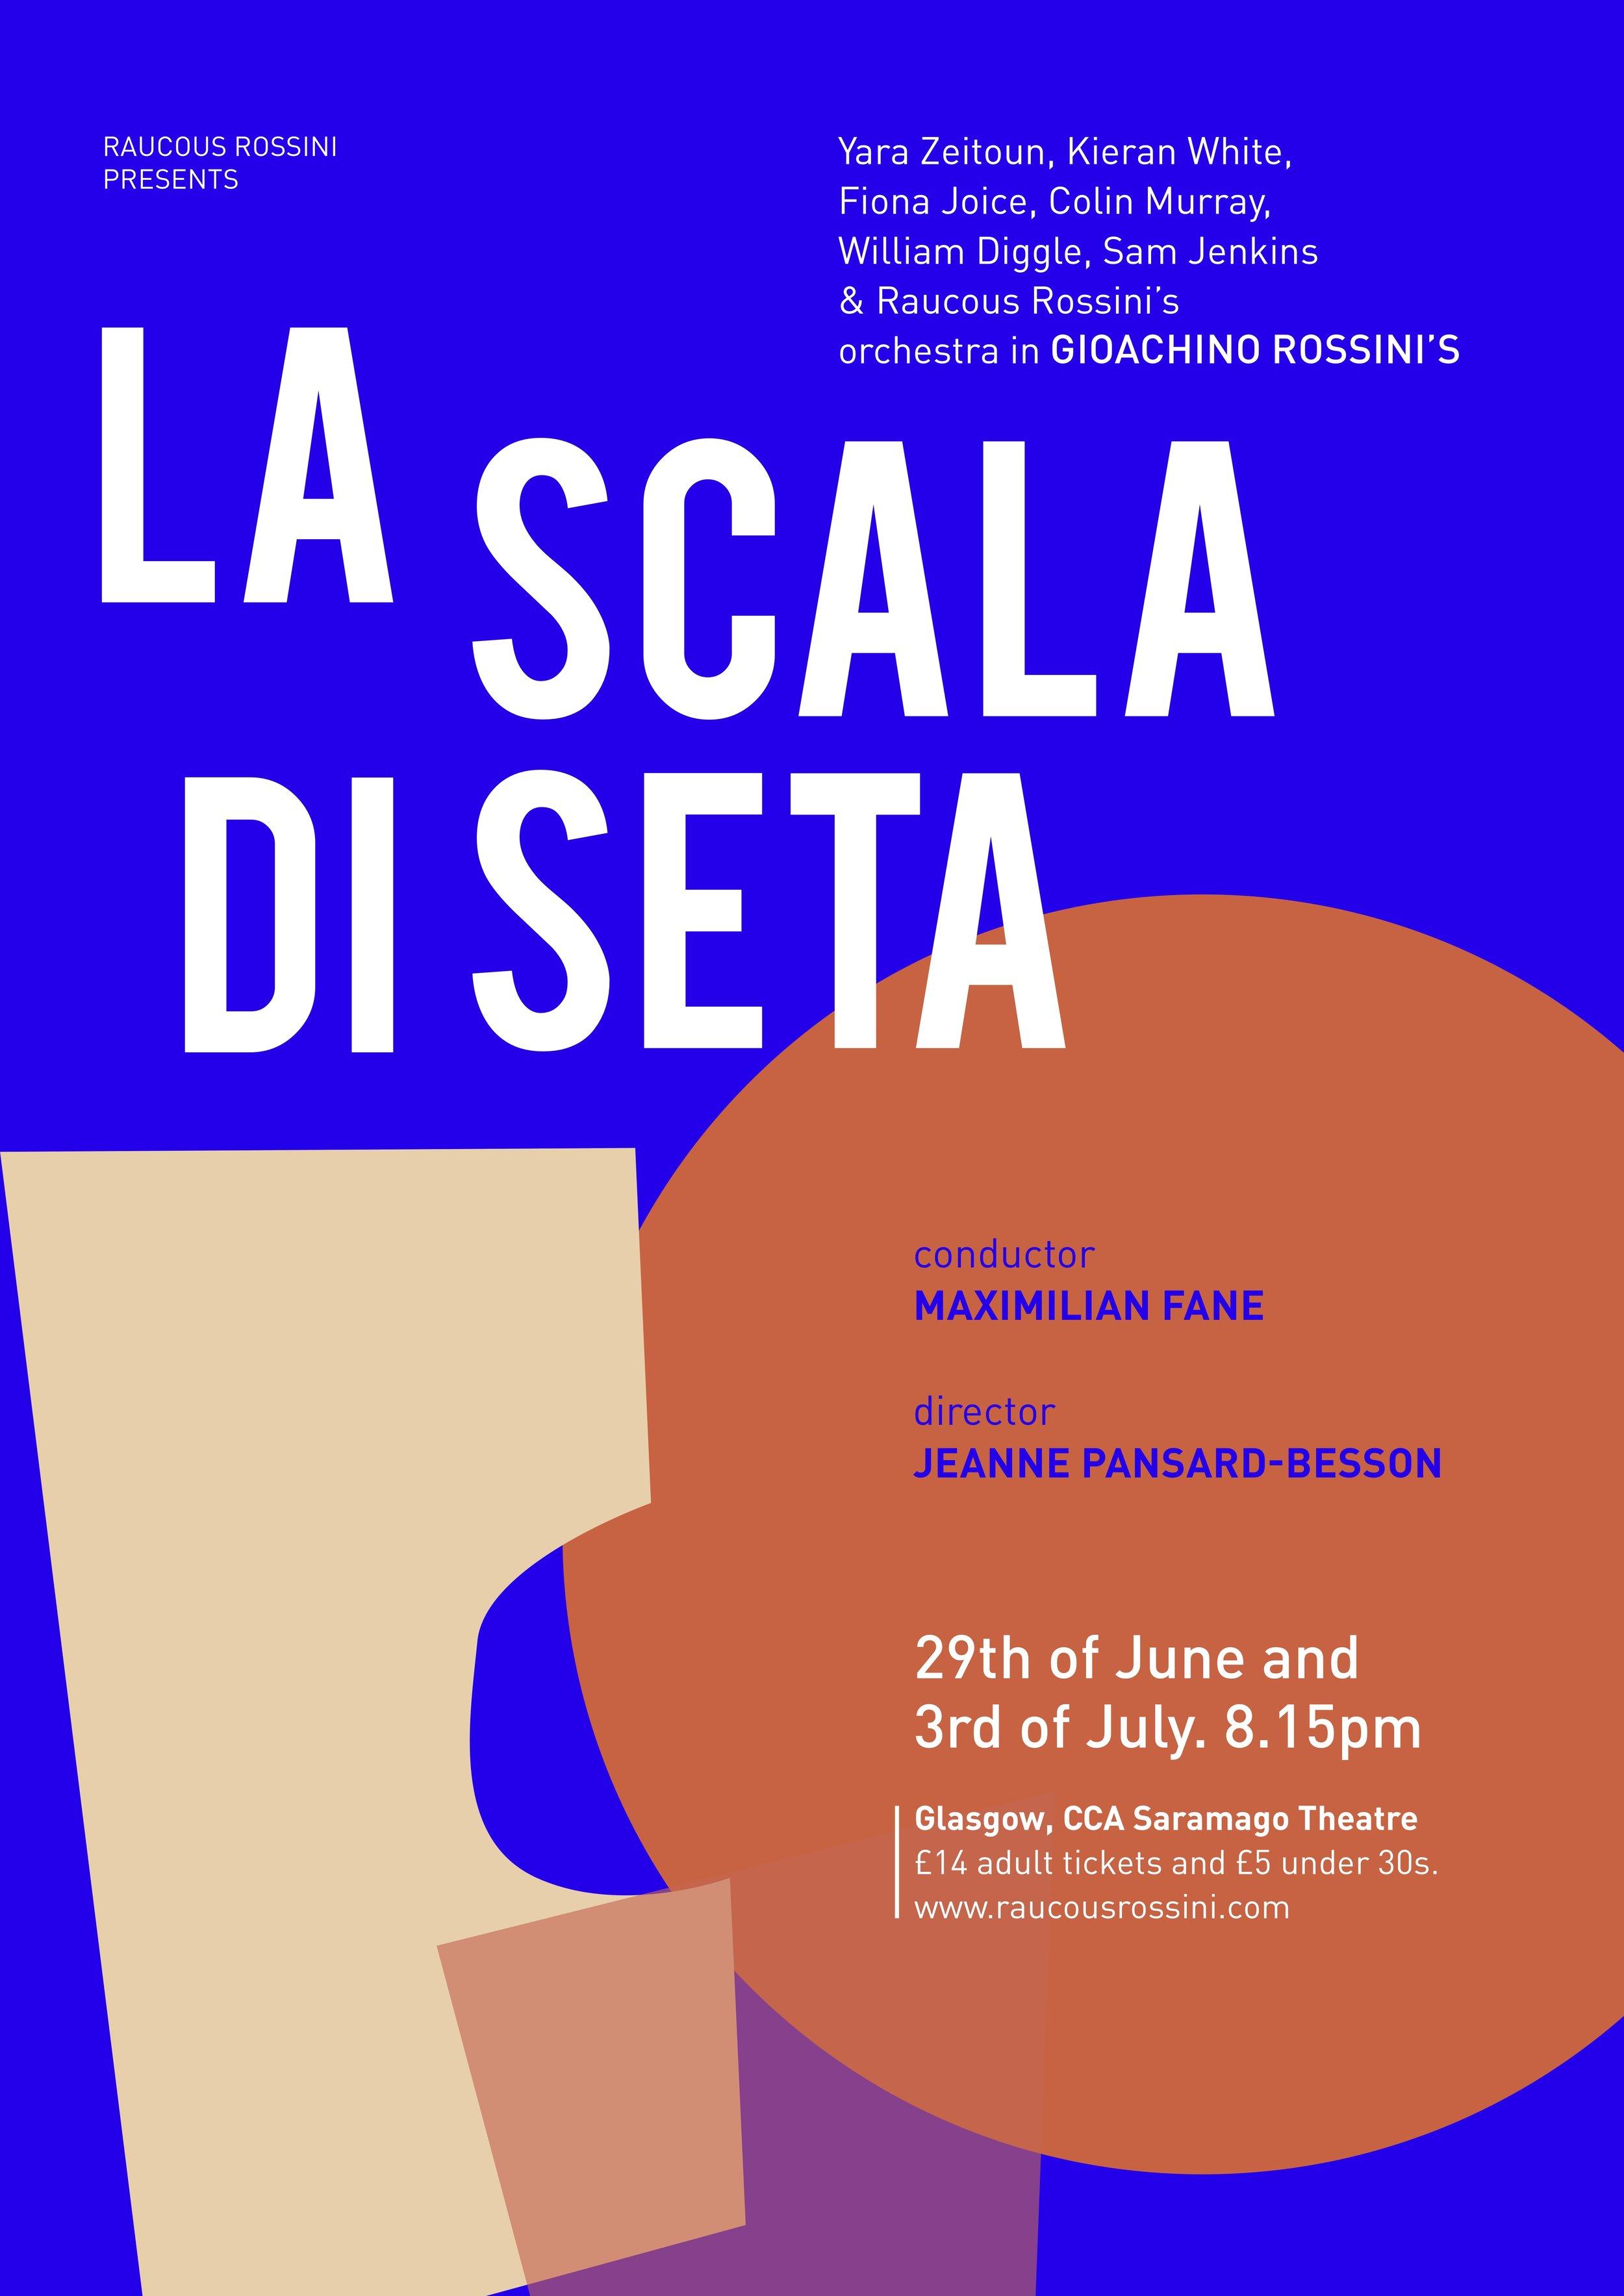 Glasgow Rossini poster.jpg